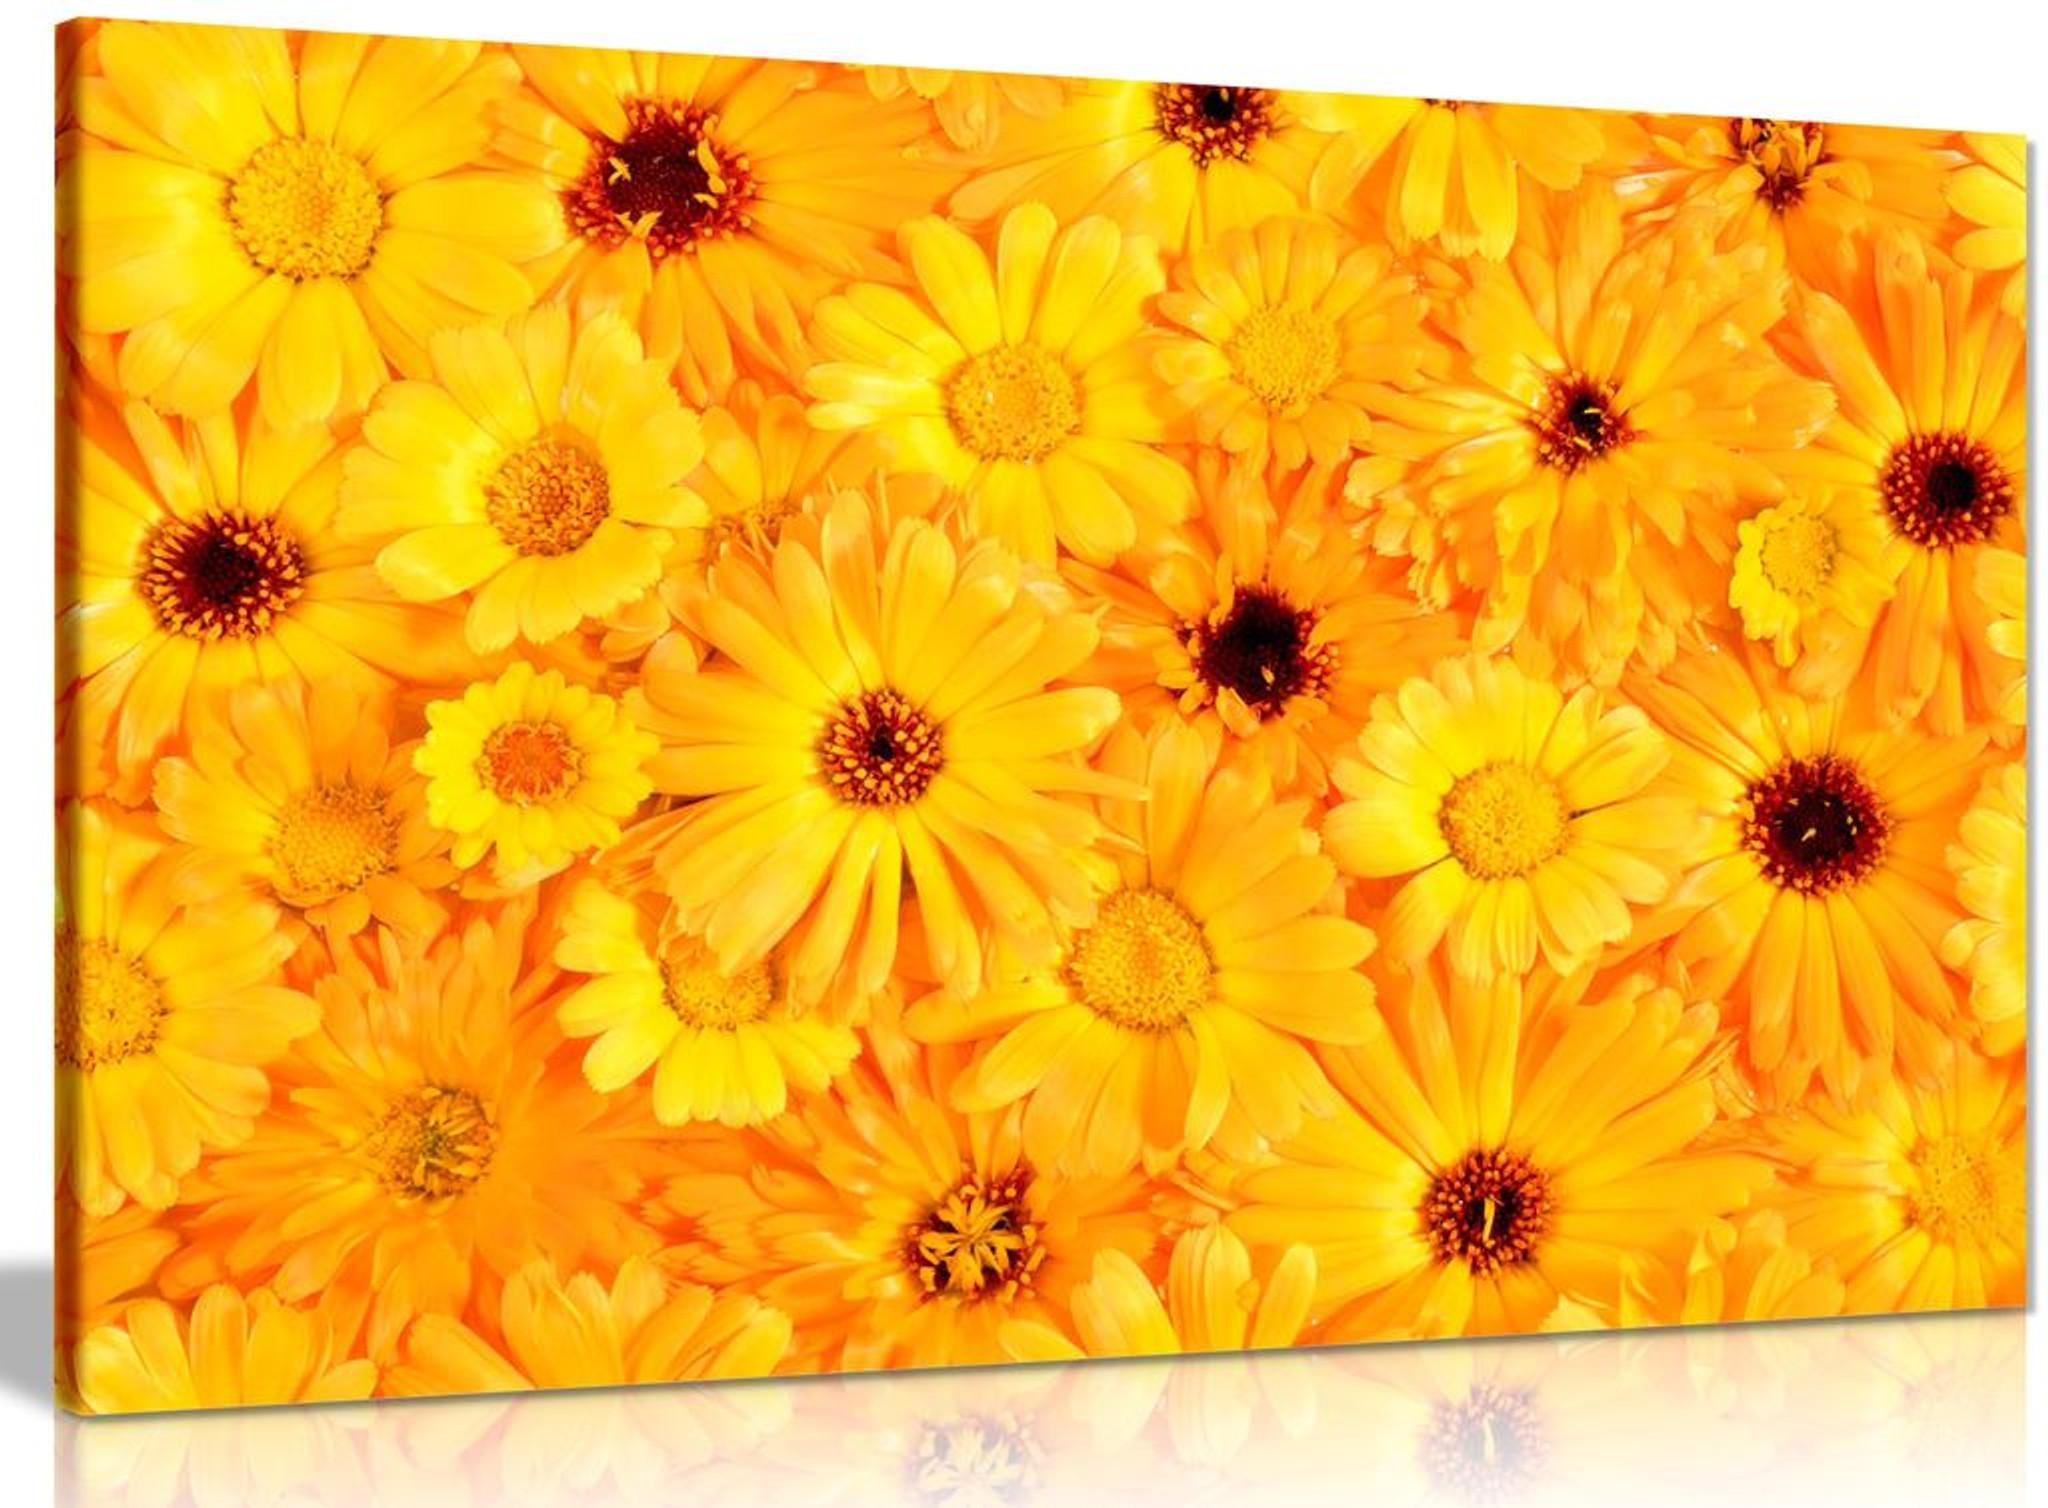 Orange & Yellow Flowers Canvas